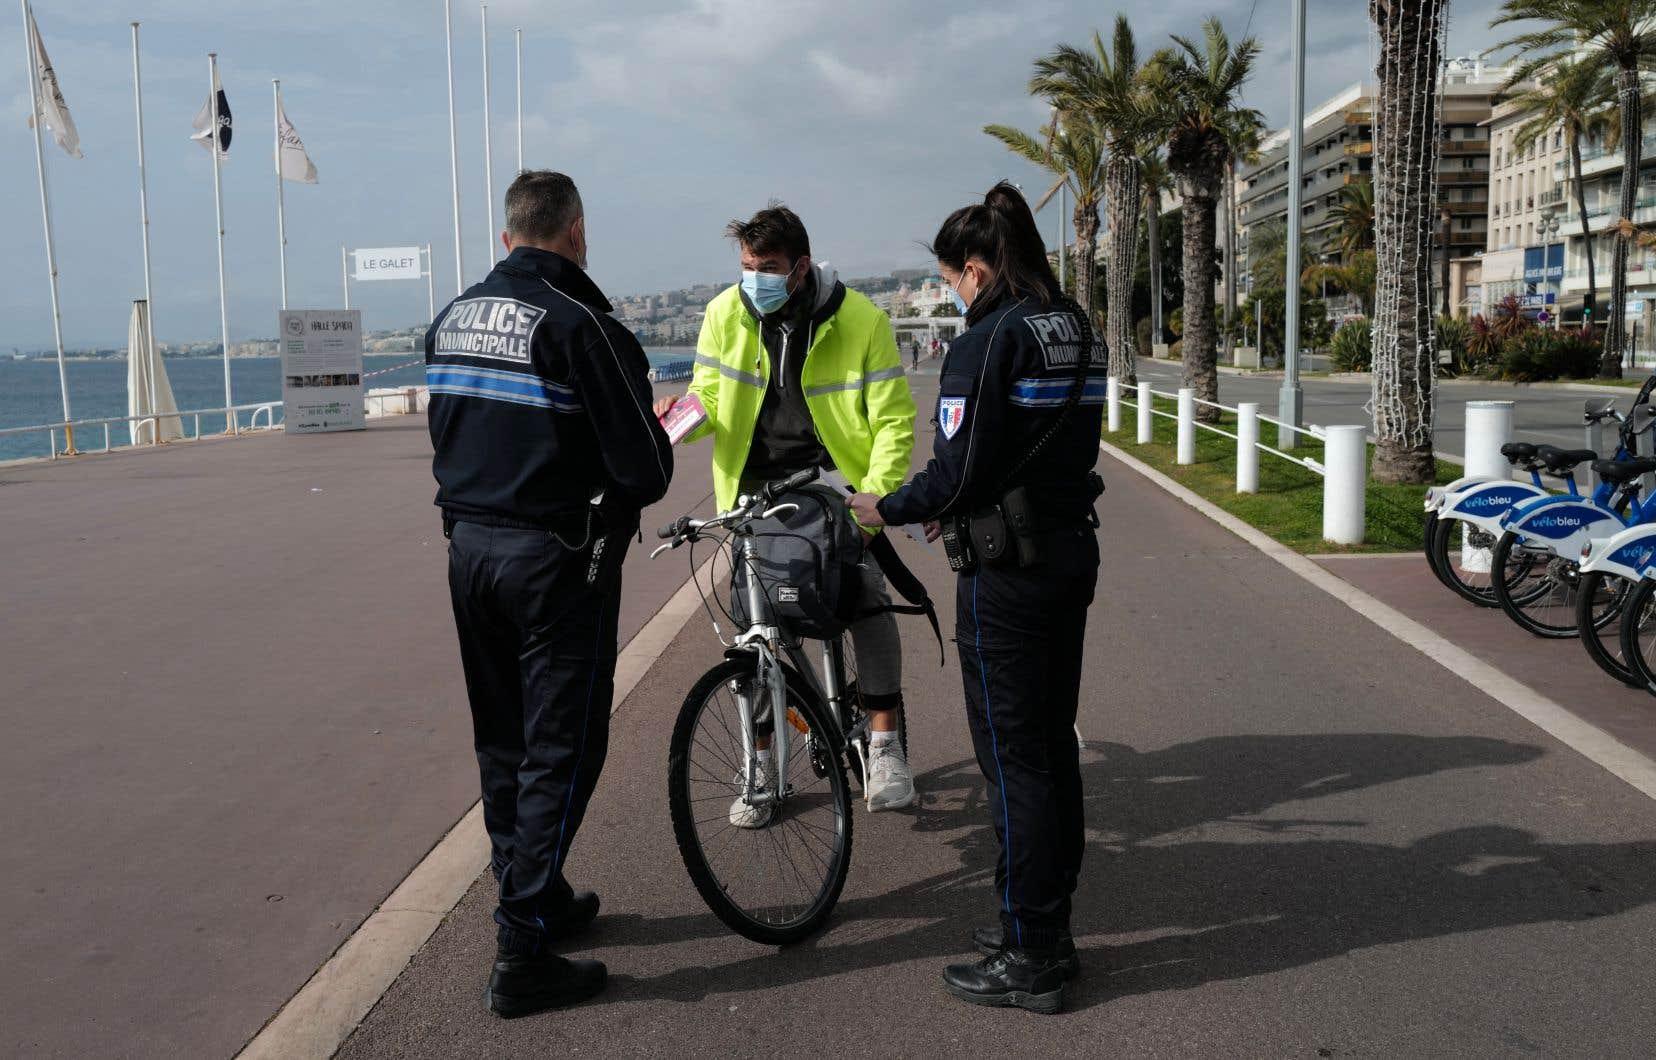 À Dunkerque, les forces de l'ordre étaient déployées et des «ambassadeurs des gestes barrière» recrutés par la mairie proposaient masques et gel sur le marché bondé où un sens de circulation est imposé.